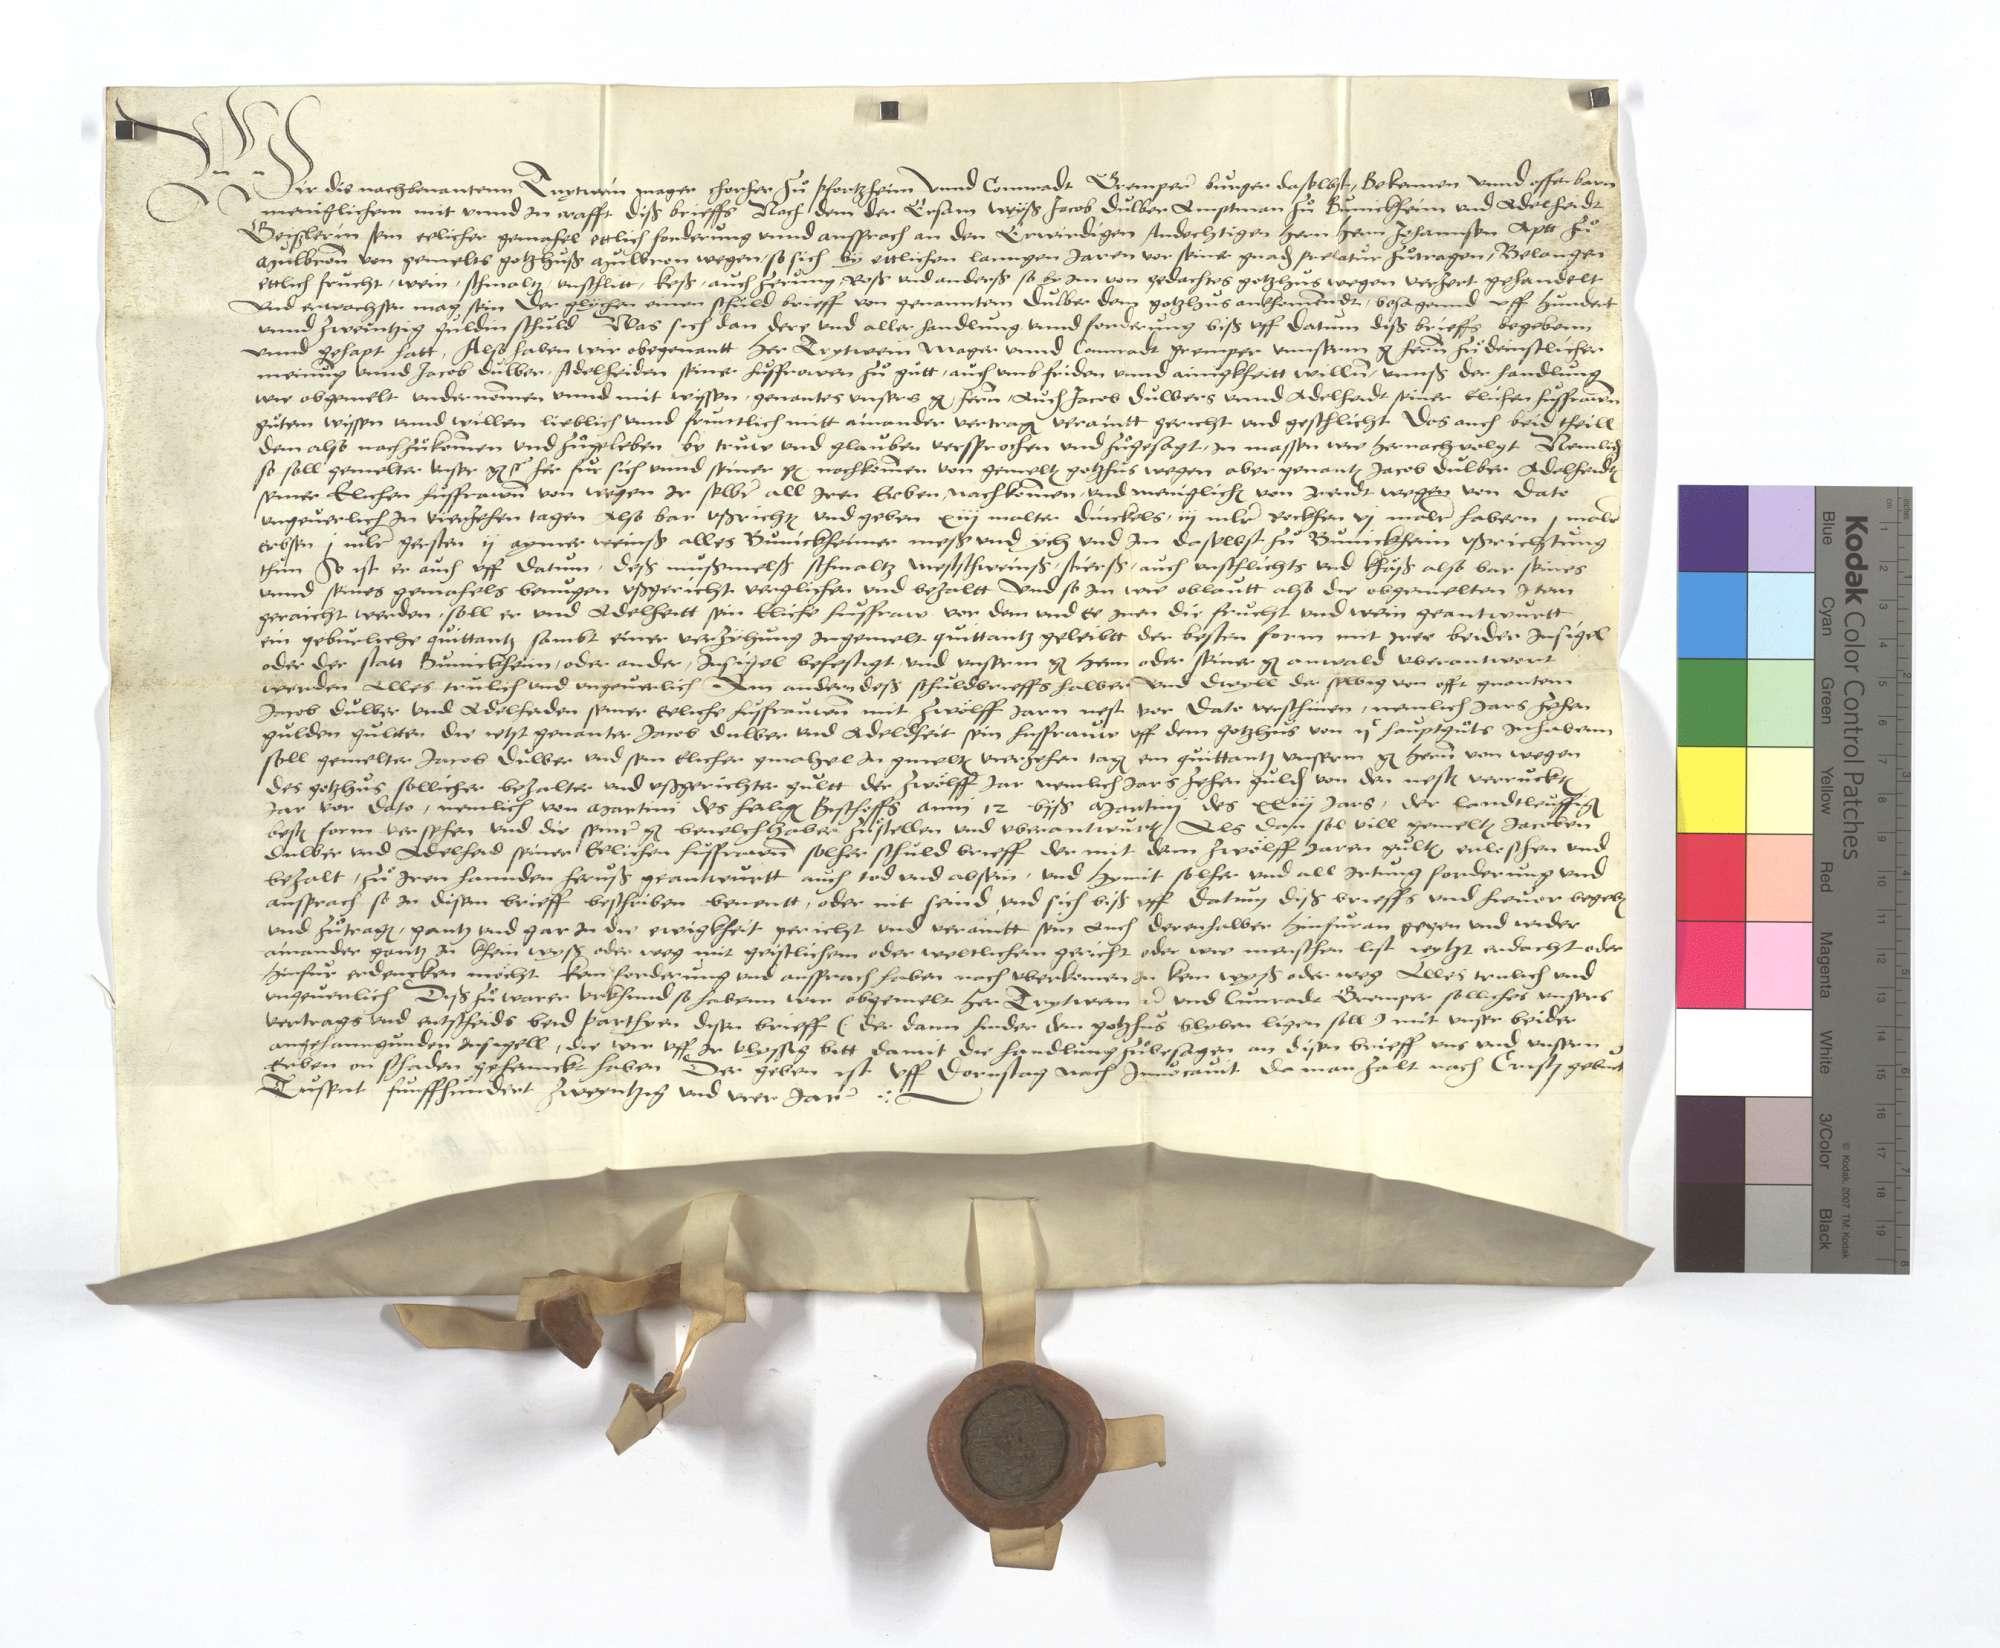 Vertrag zwischen dem Kloster Maulbronn und Jacob Dulber, dem Amtmann zu Bönnigheim, wegen etlicher alter Ausstände, die das Kloster ihm zu tun schuldig sei., Text